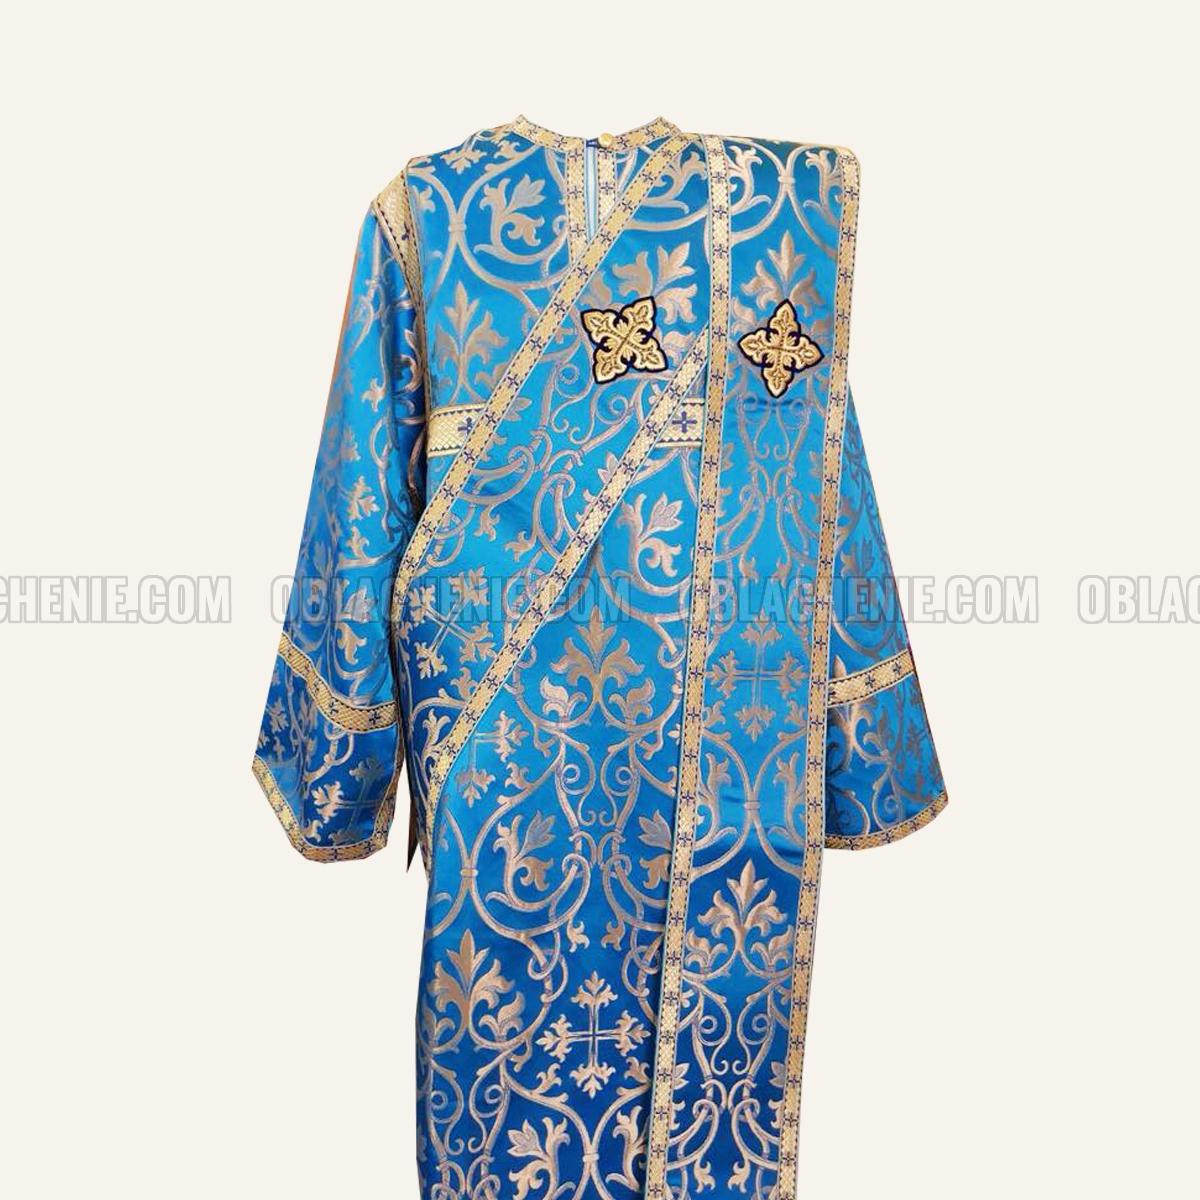 Deacon's vestments 10342